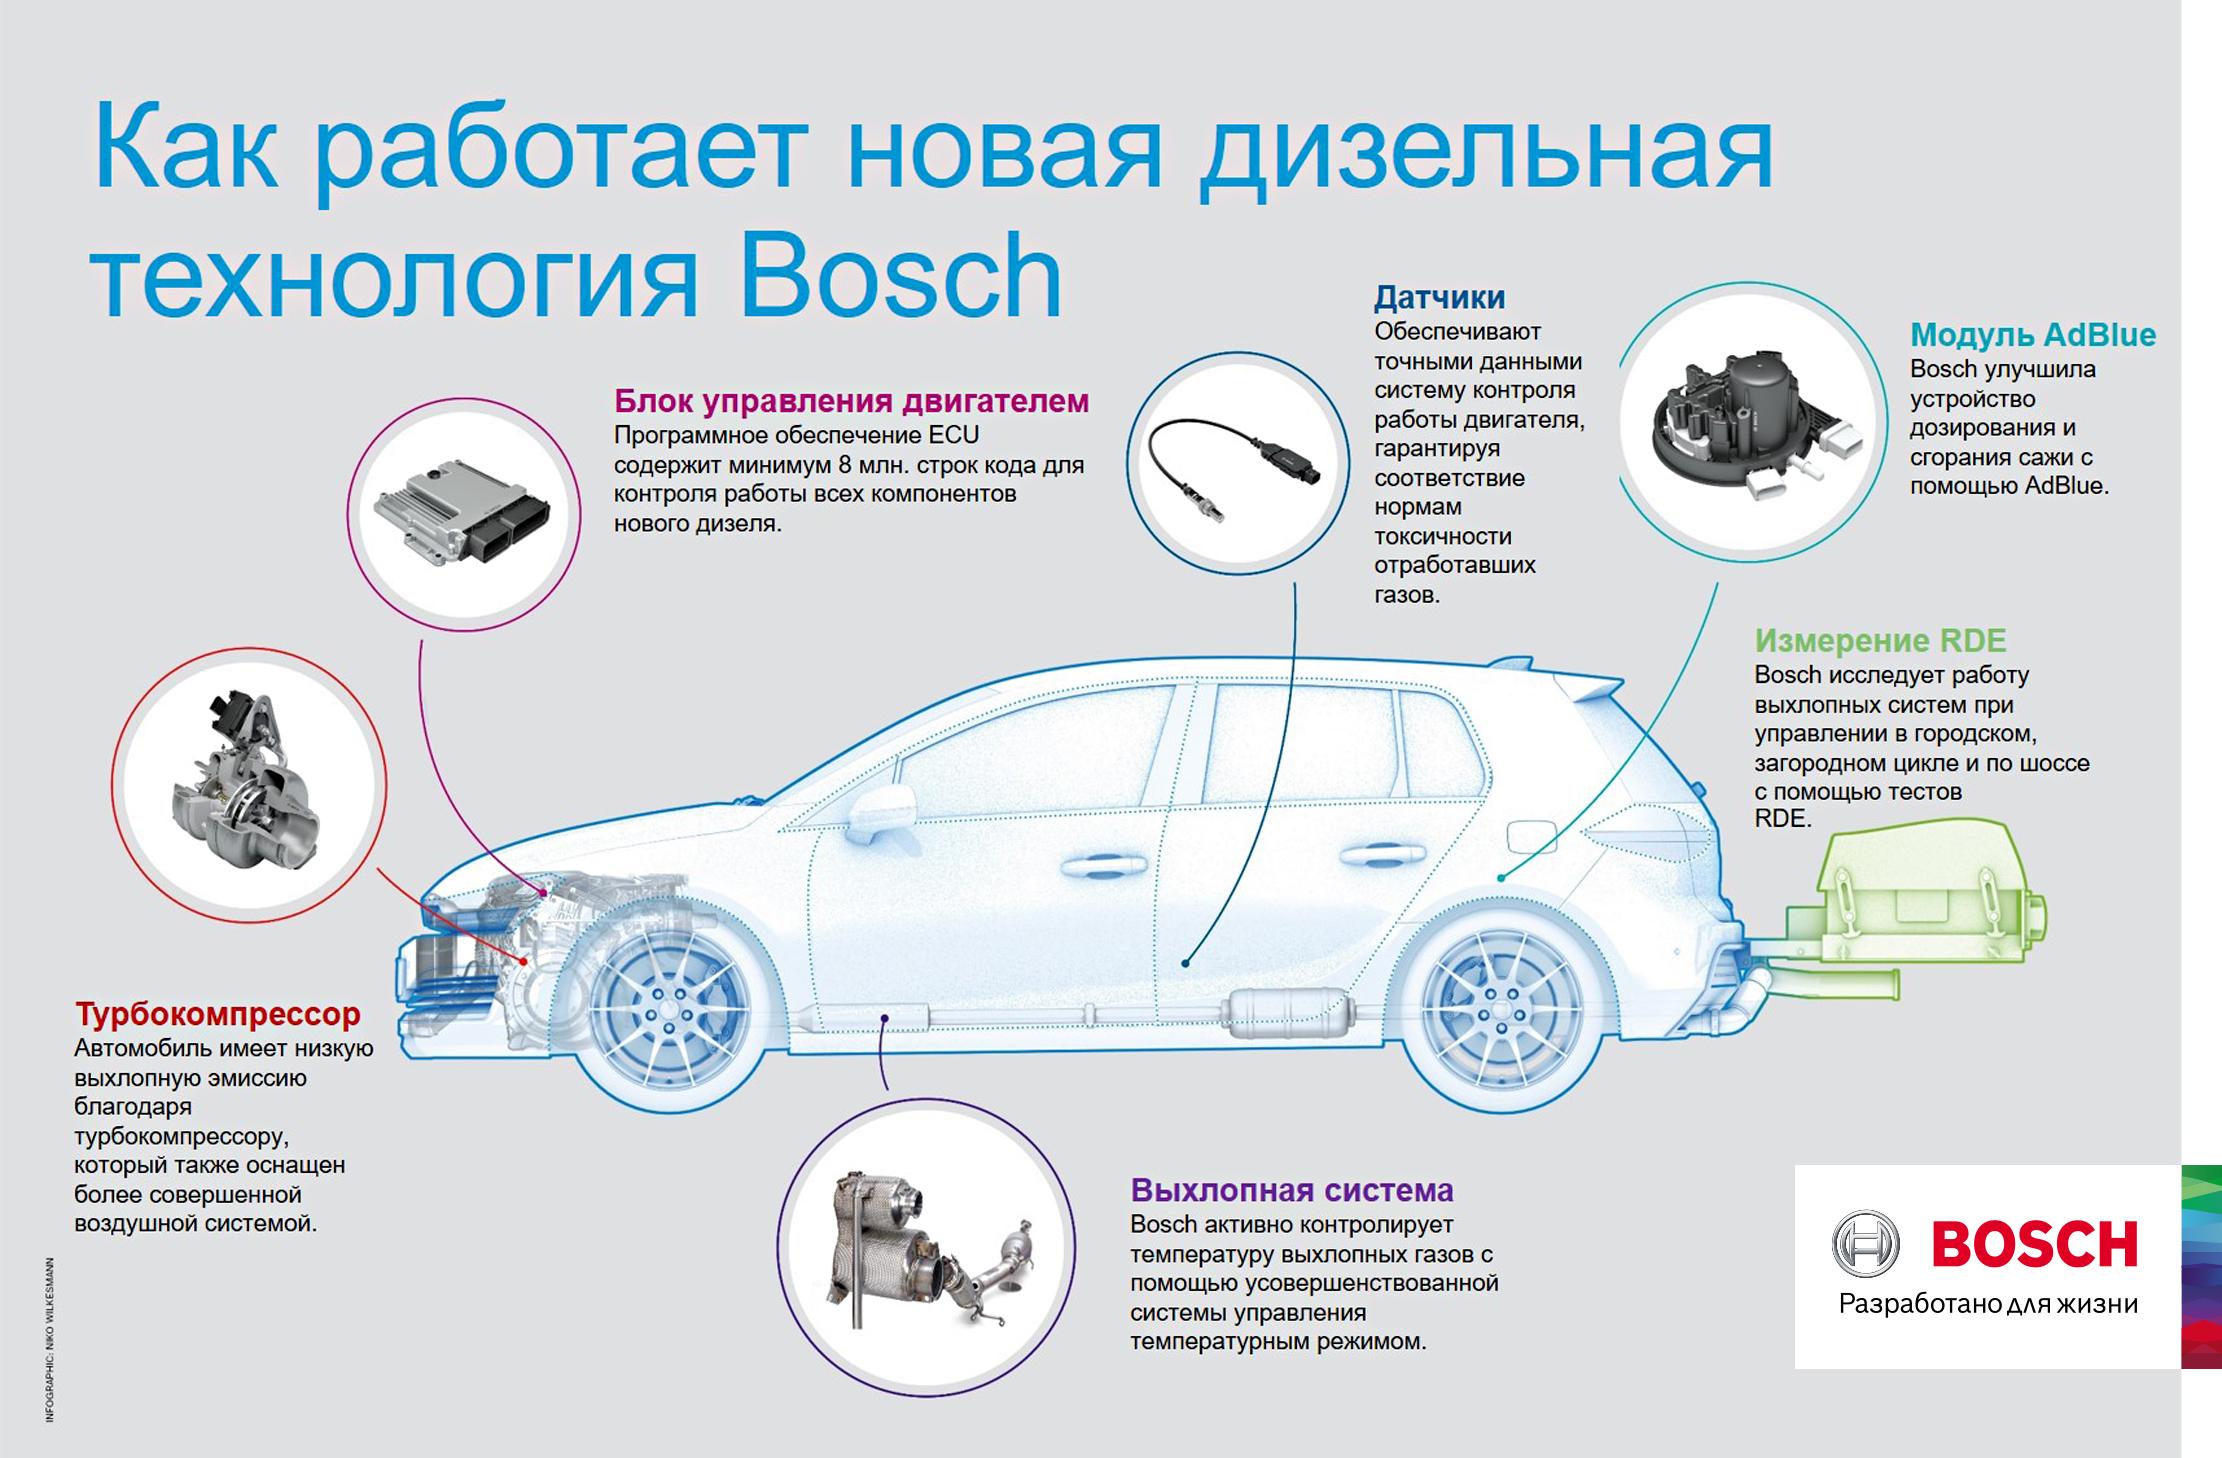 Bosch представил новую дизельную технологию 1